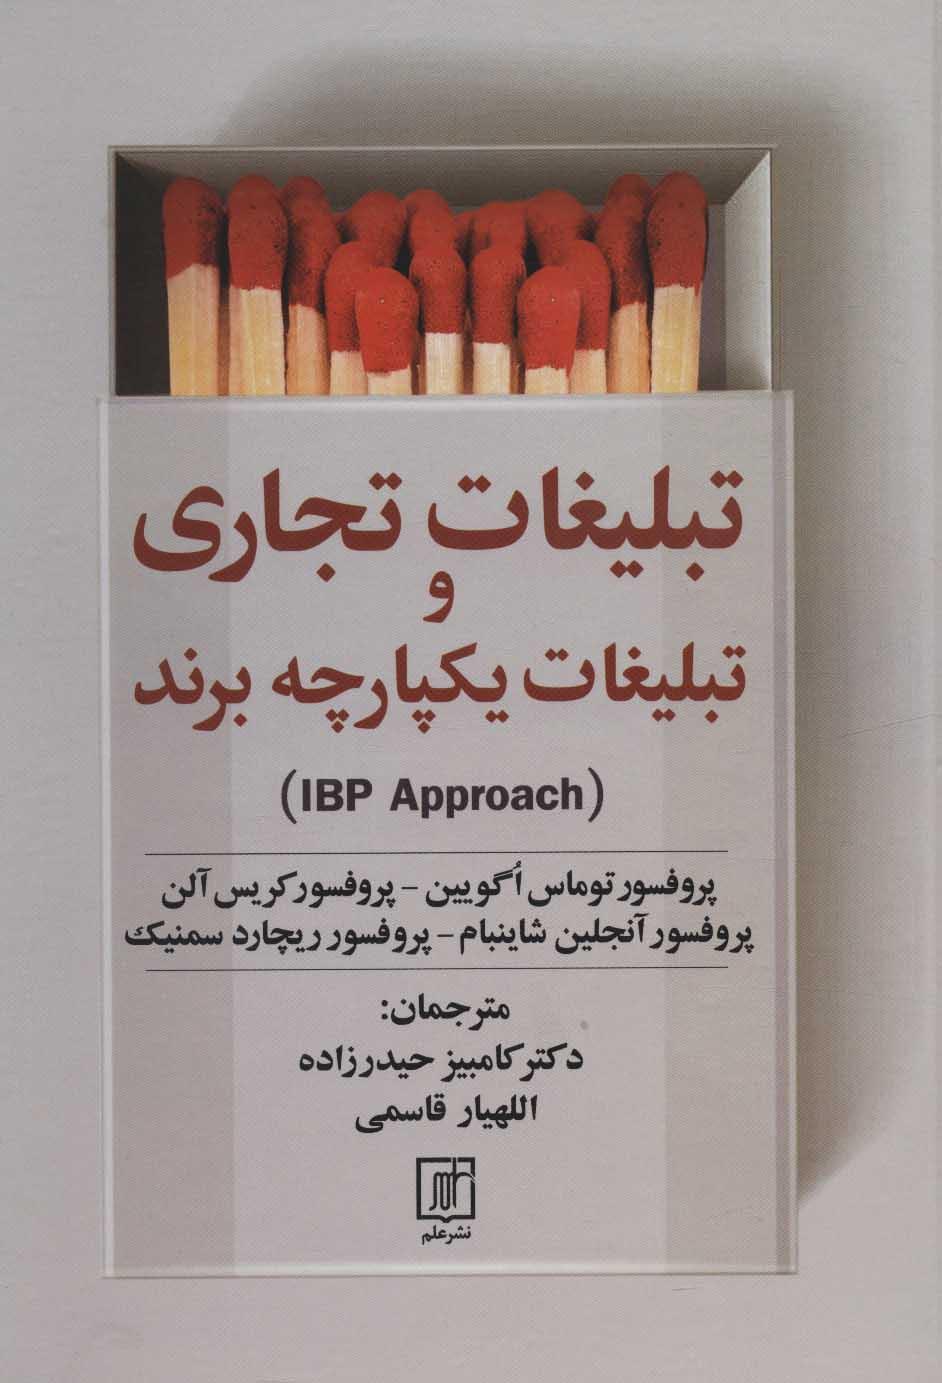 تبلیغات تجاری و تبلیغات یکپارچه برند (IBP APPROACH)